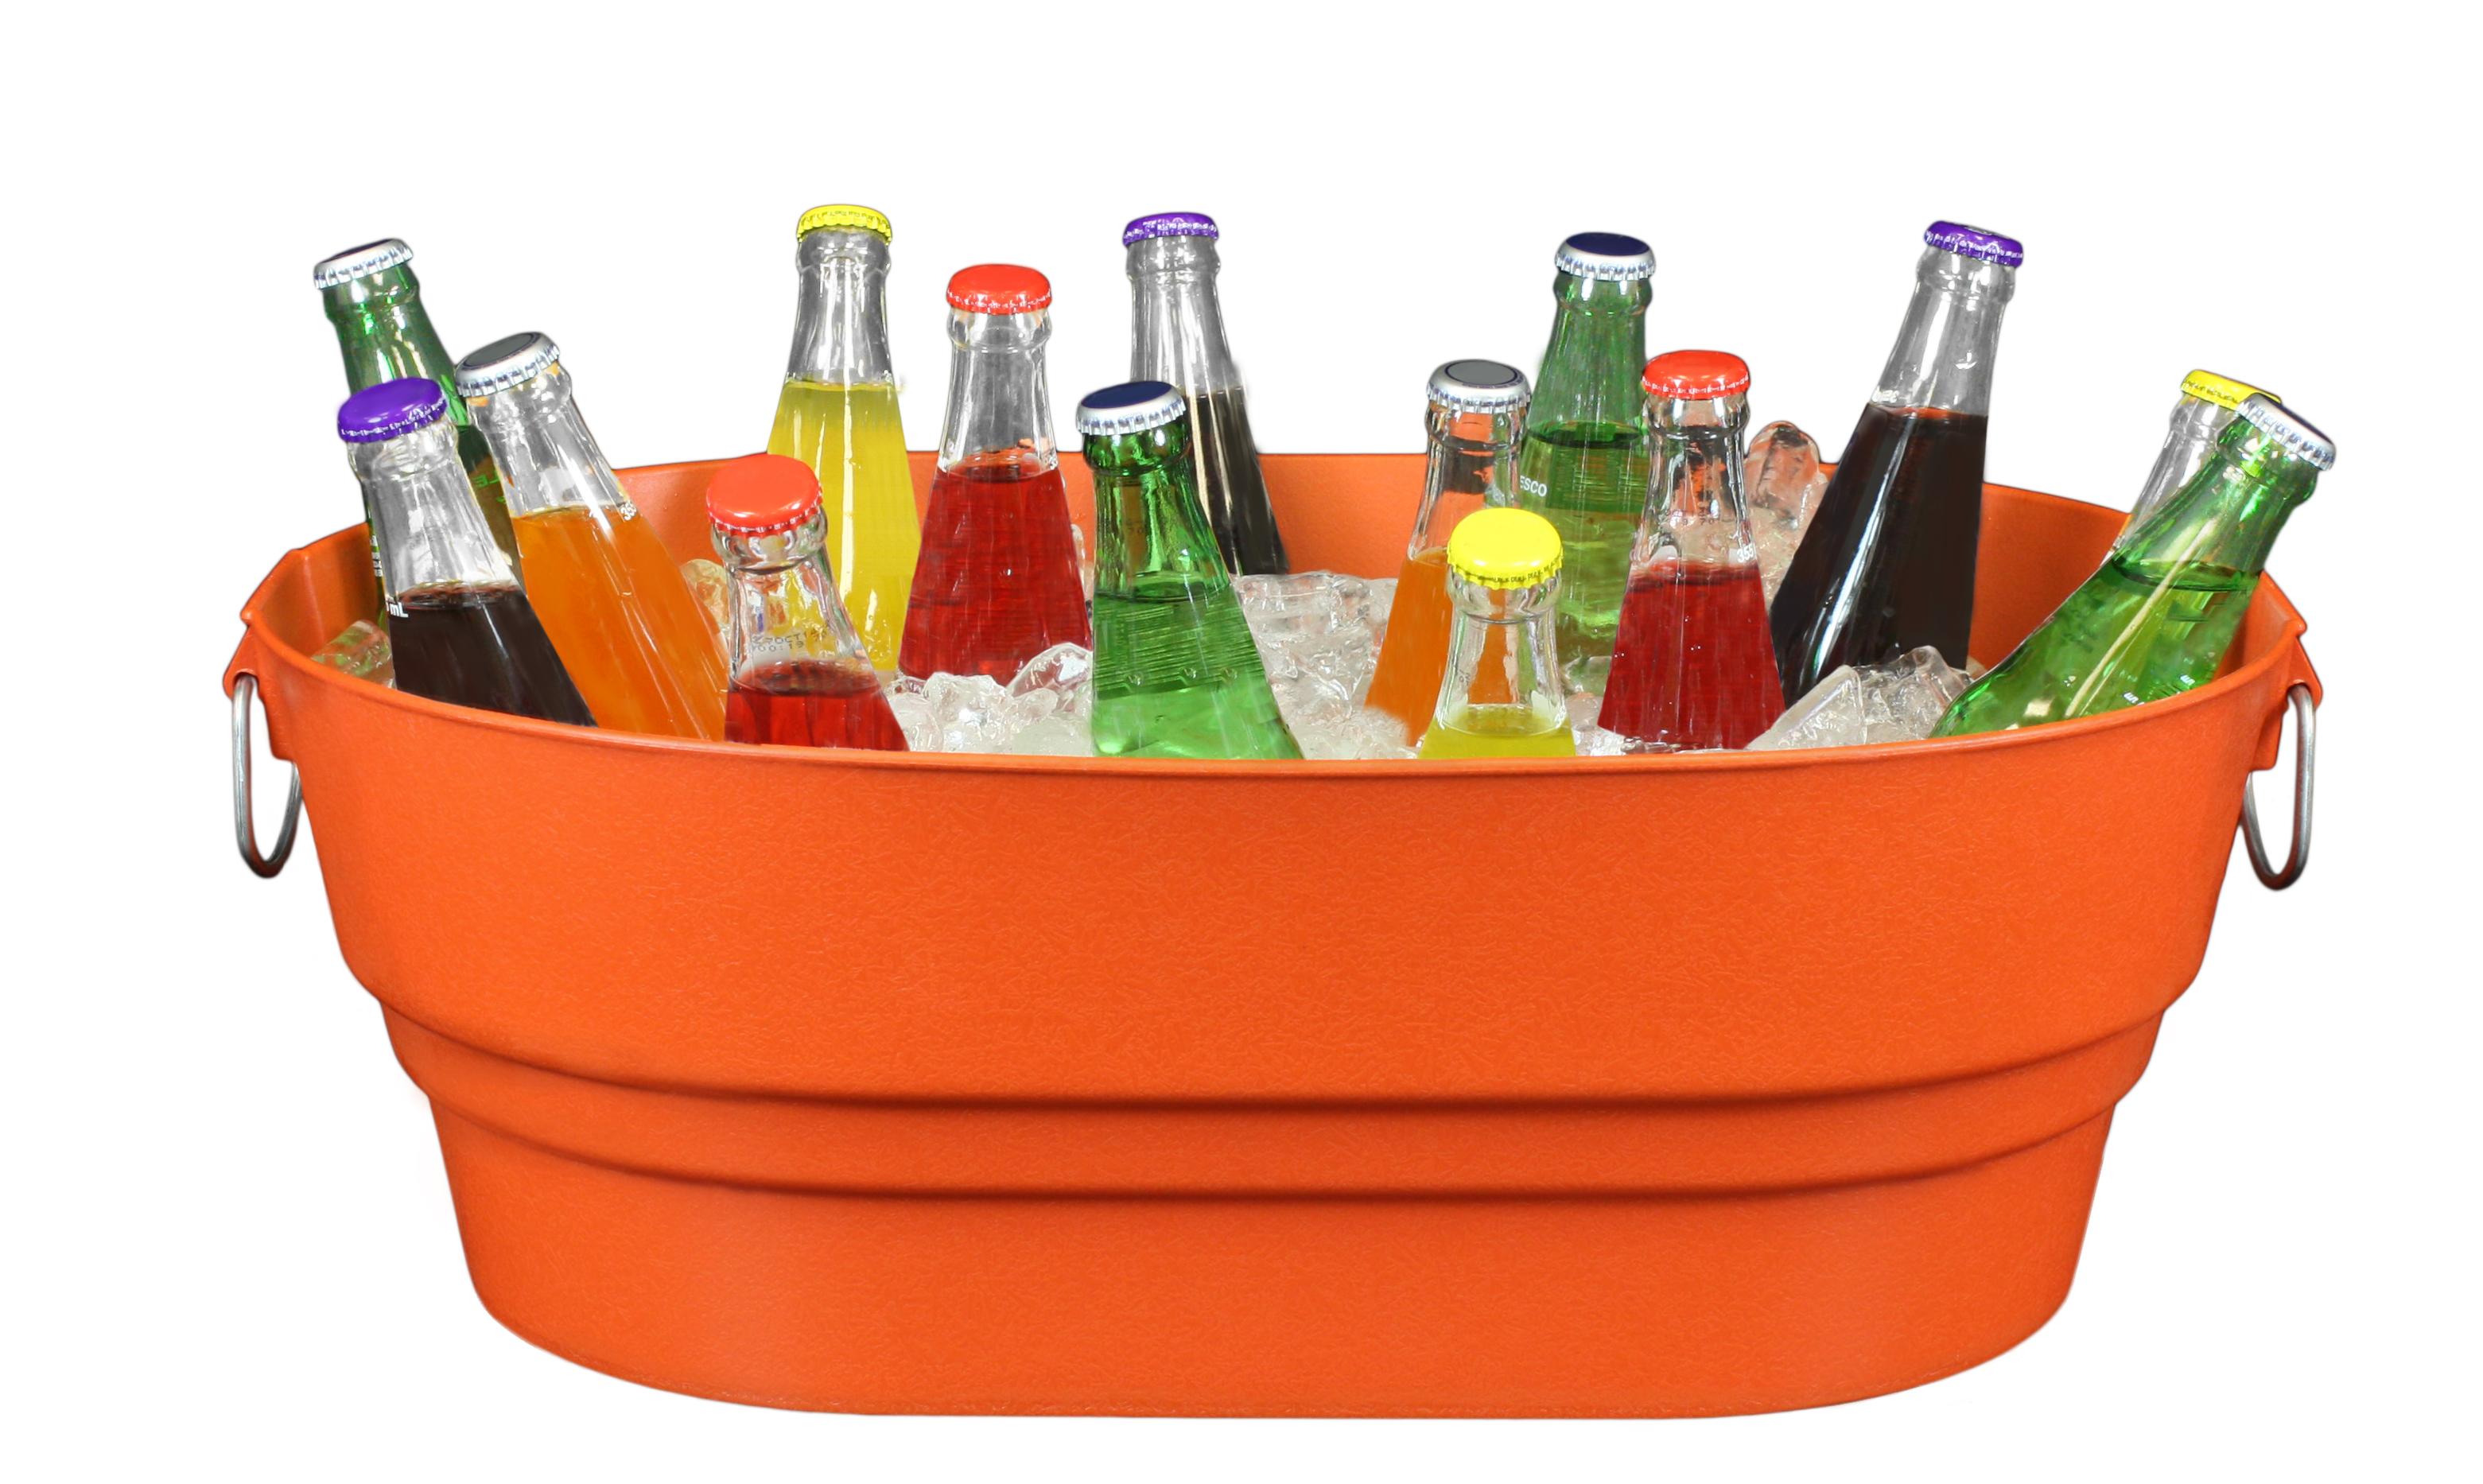 Tub Beverage Holder